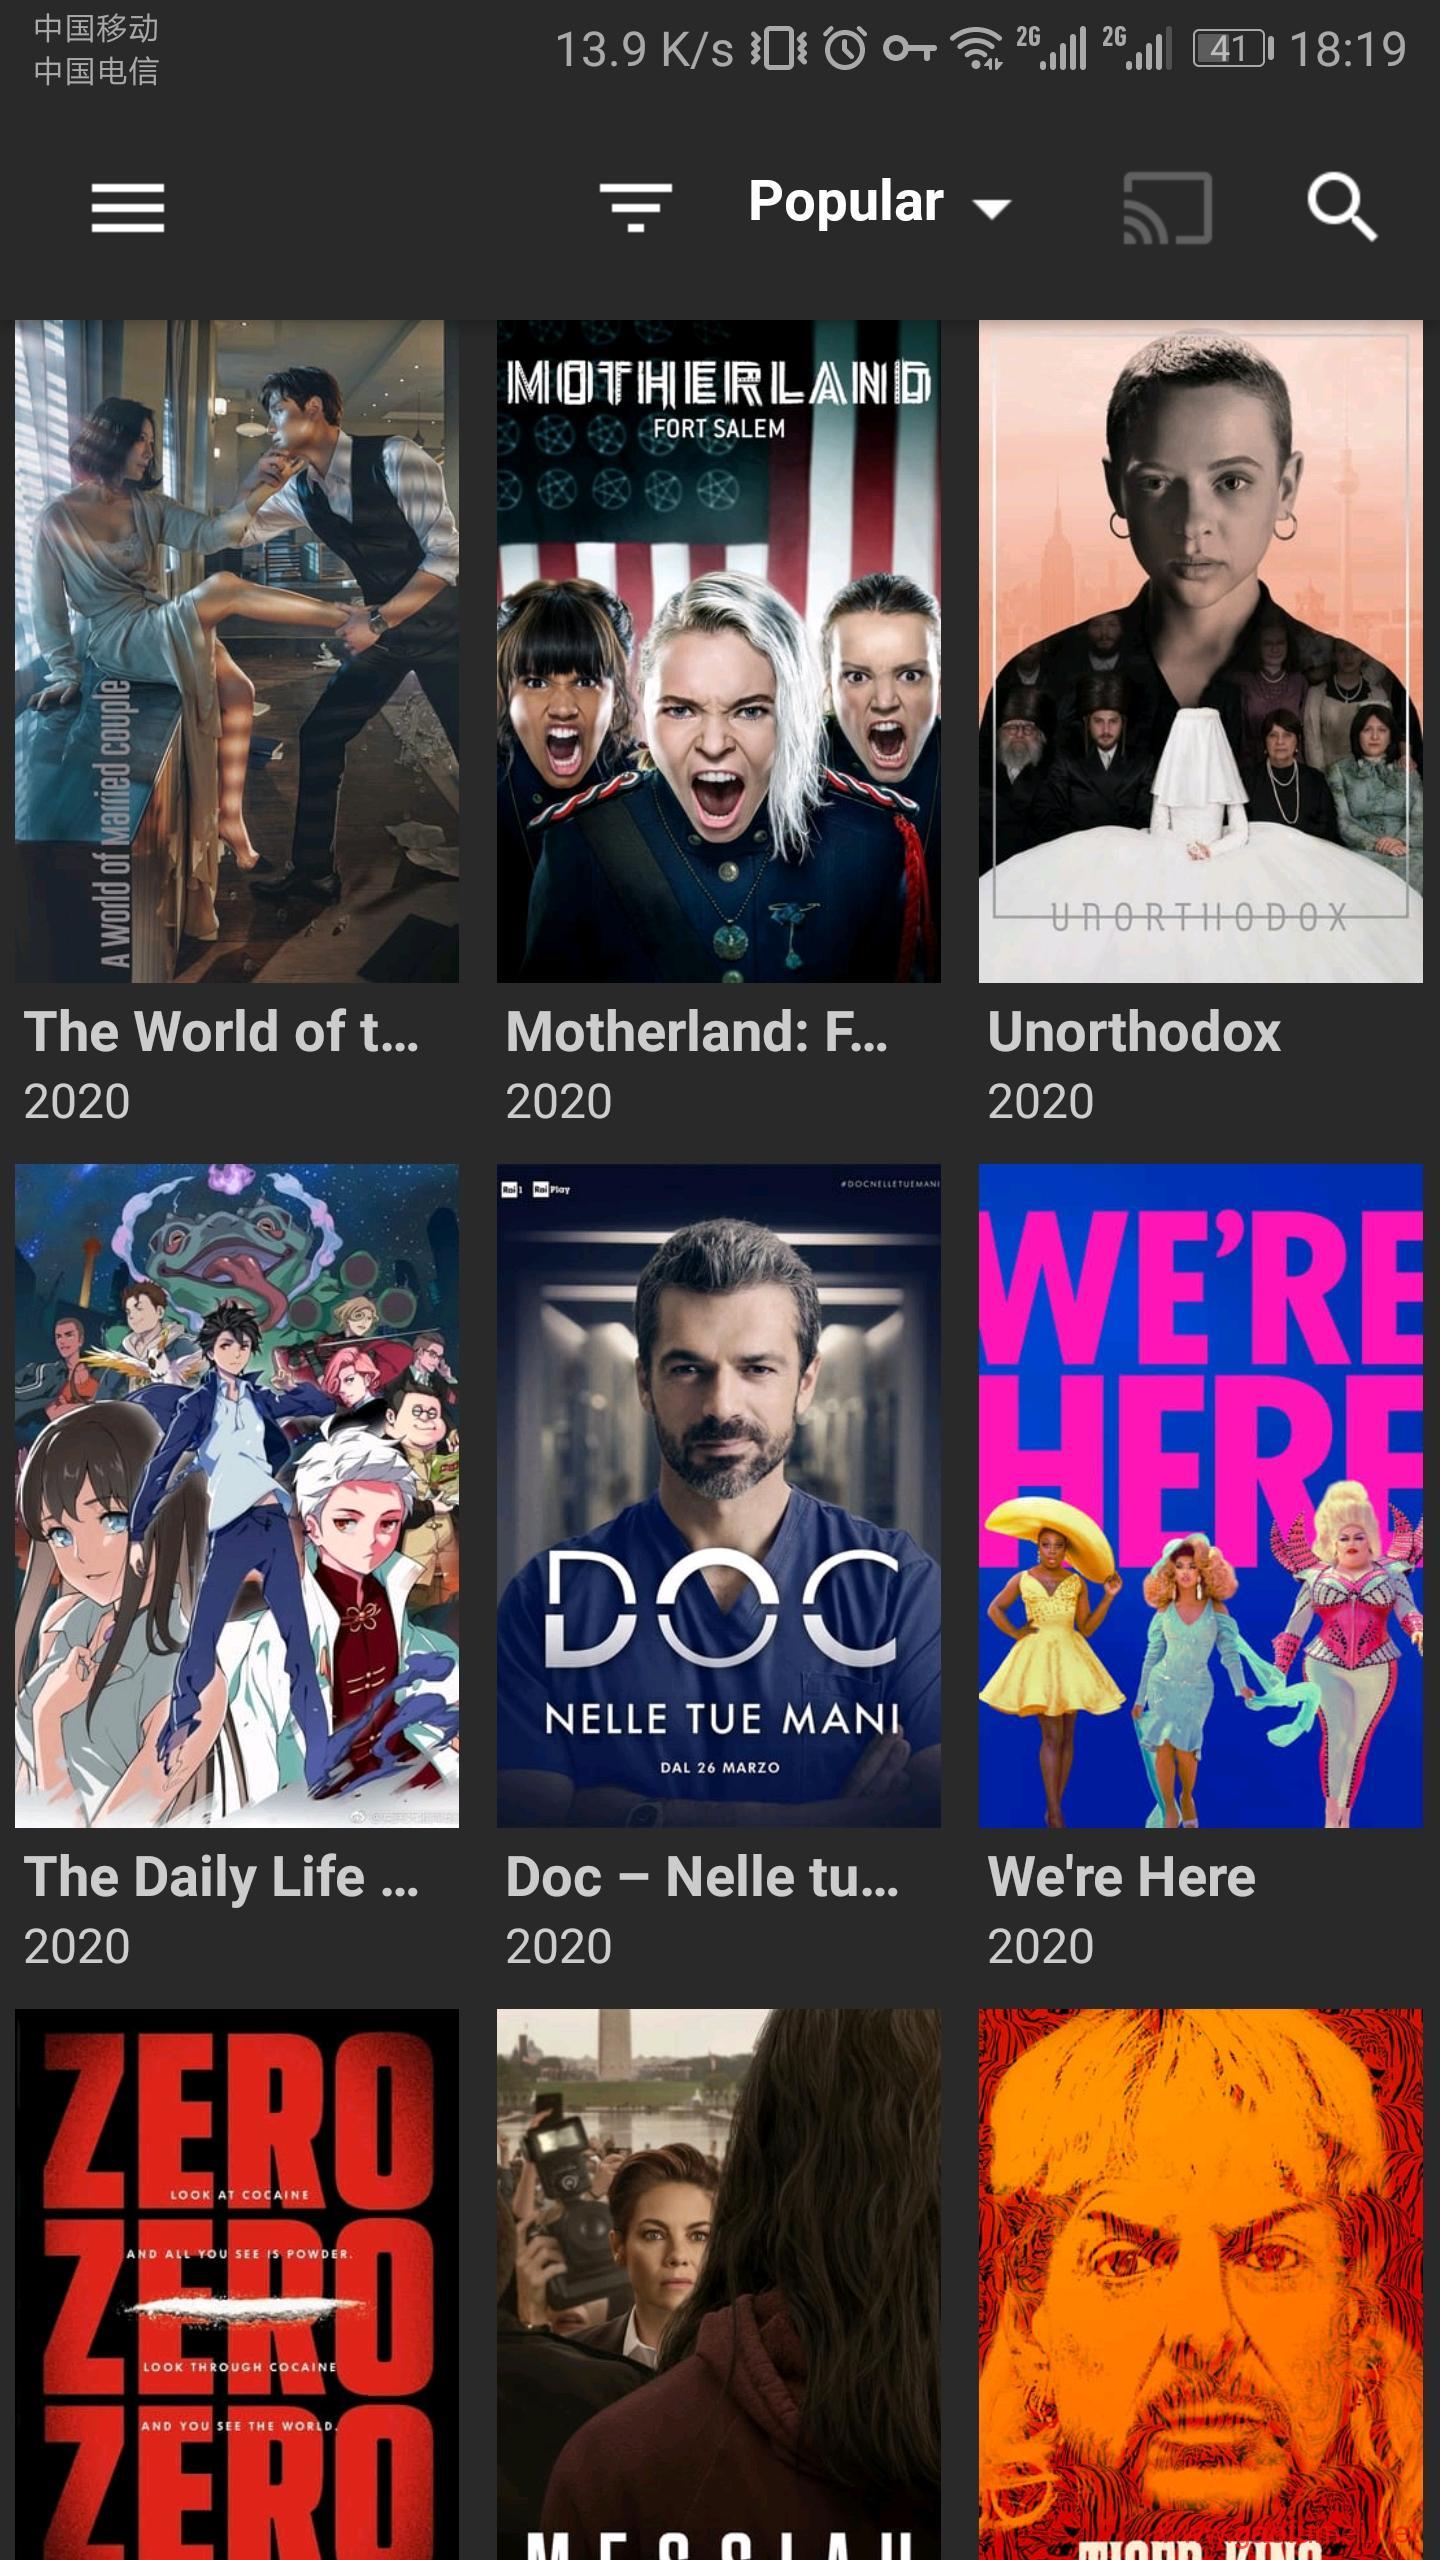 最新奈飞,网飞(Netflix)镜像APP:Netflix by APKFolks_7.49下载,亲测可用哦!